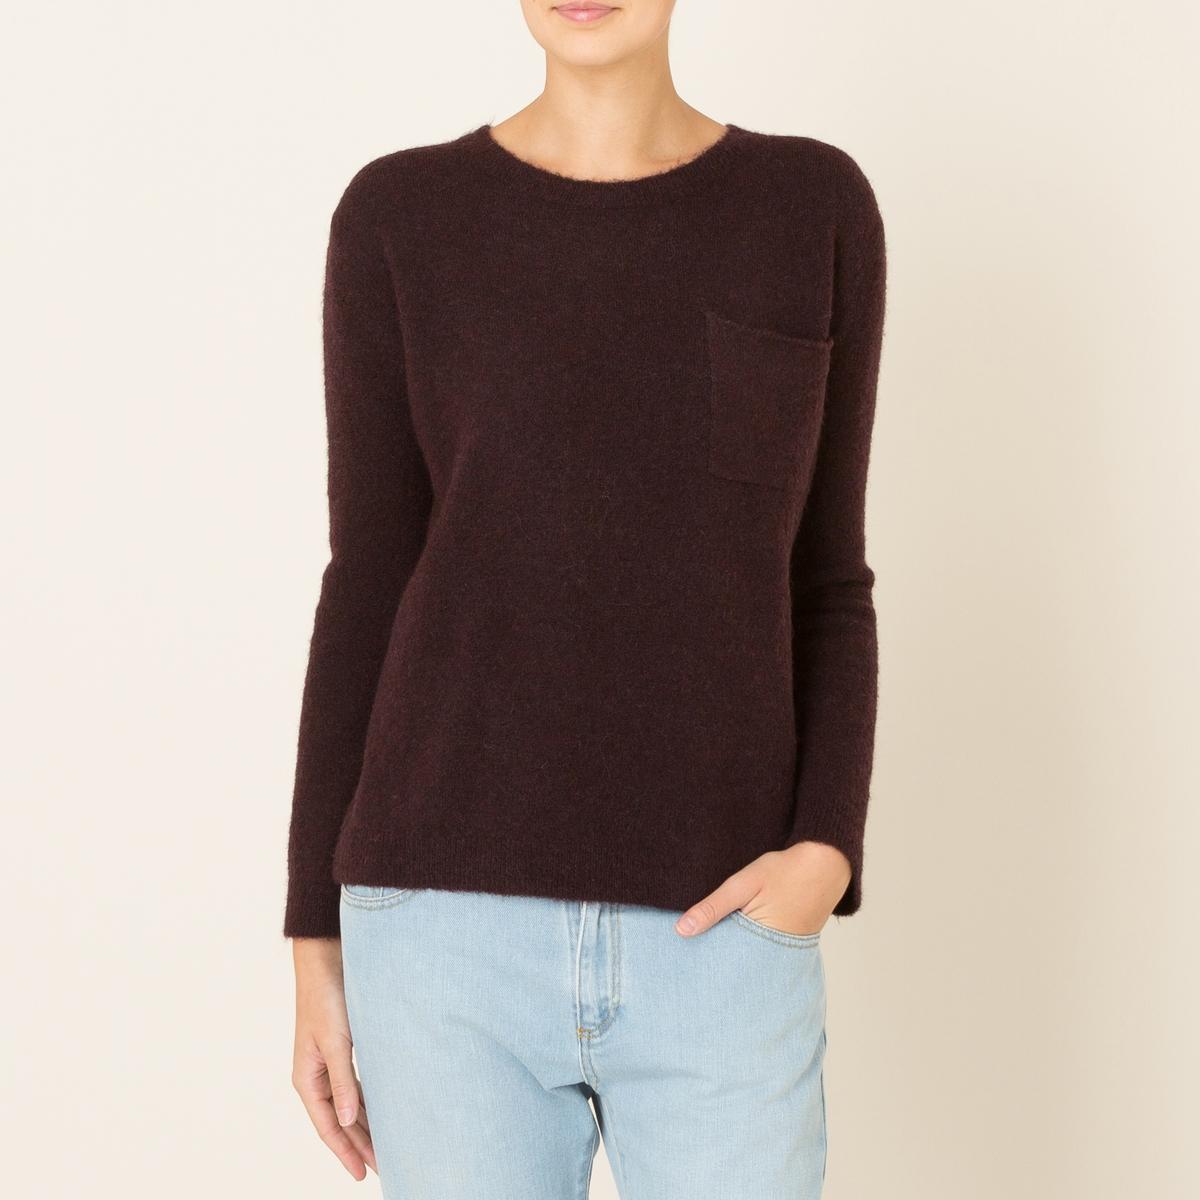 Пуловер TERAСостав и описание Материал : 42% шерсти, 42% полиамида, 14% альпаки, 2% эластана.Марка : HARRIS WILSON<br><br>Цвет: серый,сливовый,темно-синий<br>Размер: L